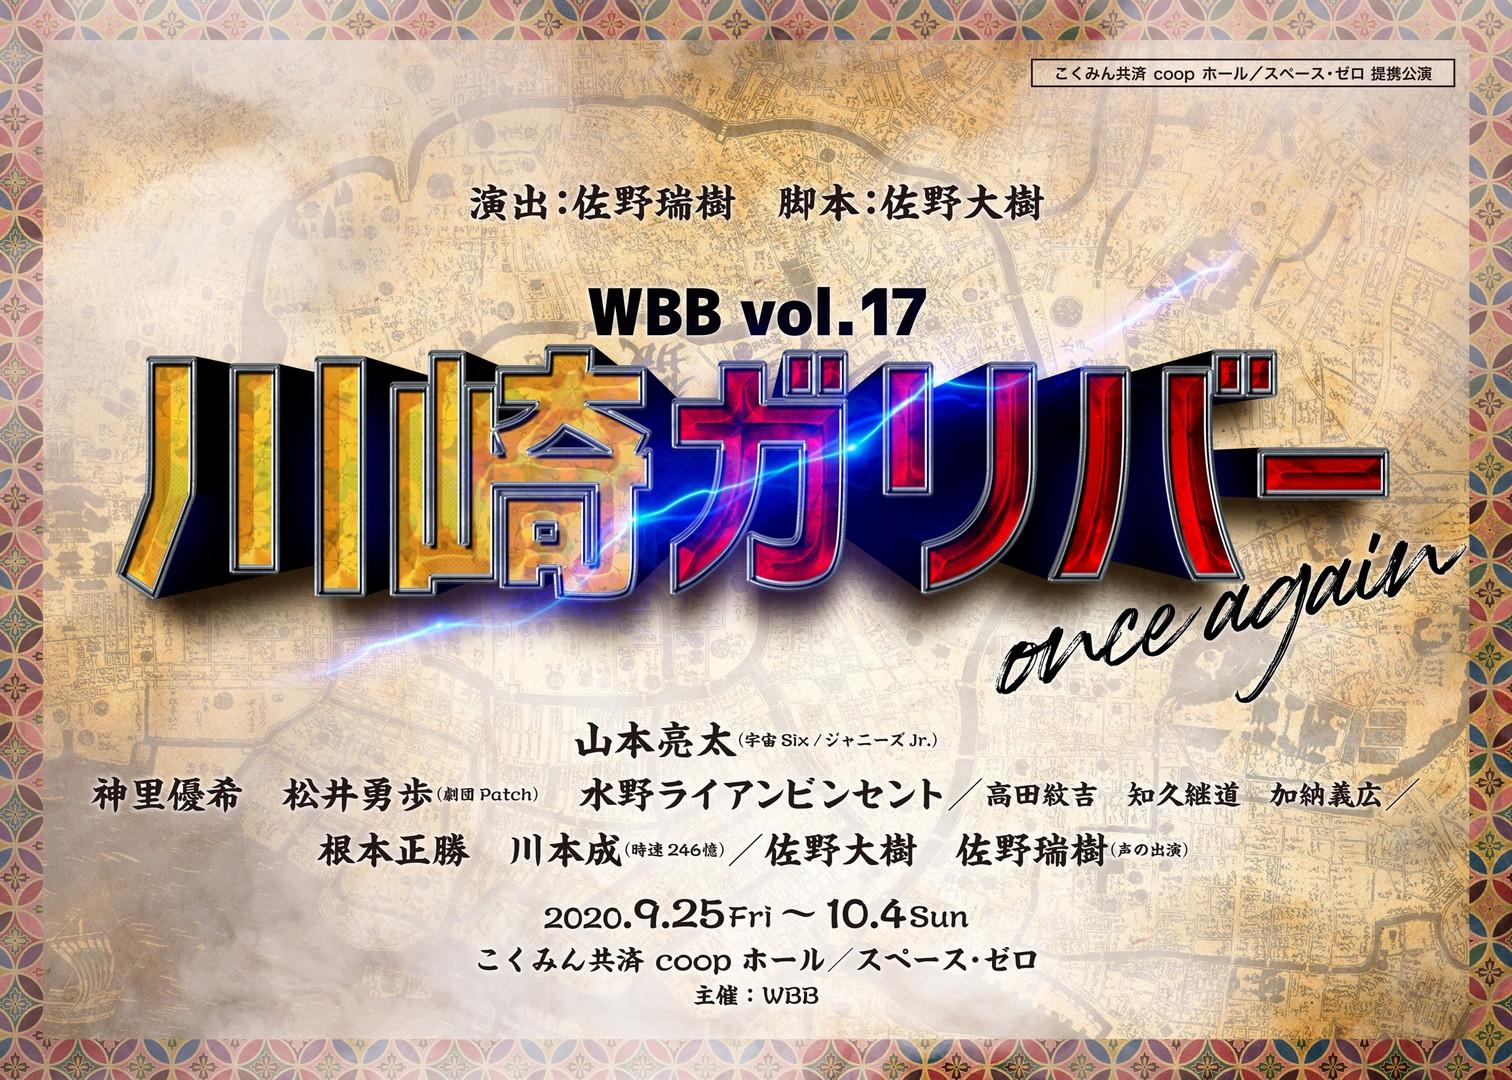 WBB川崎ガリバー.JPG